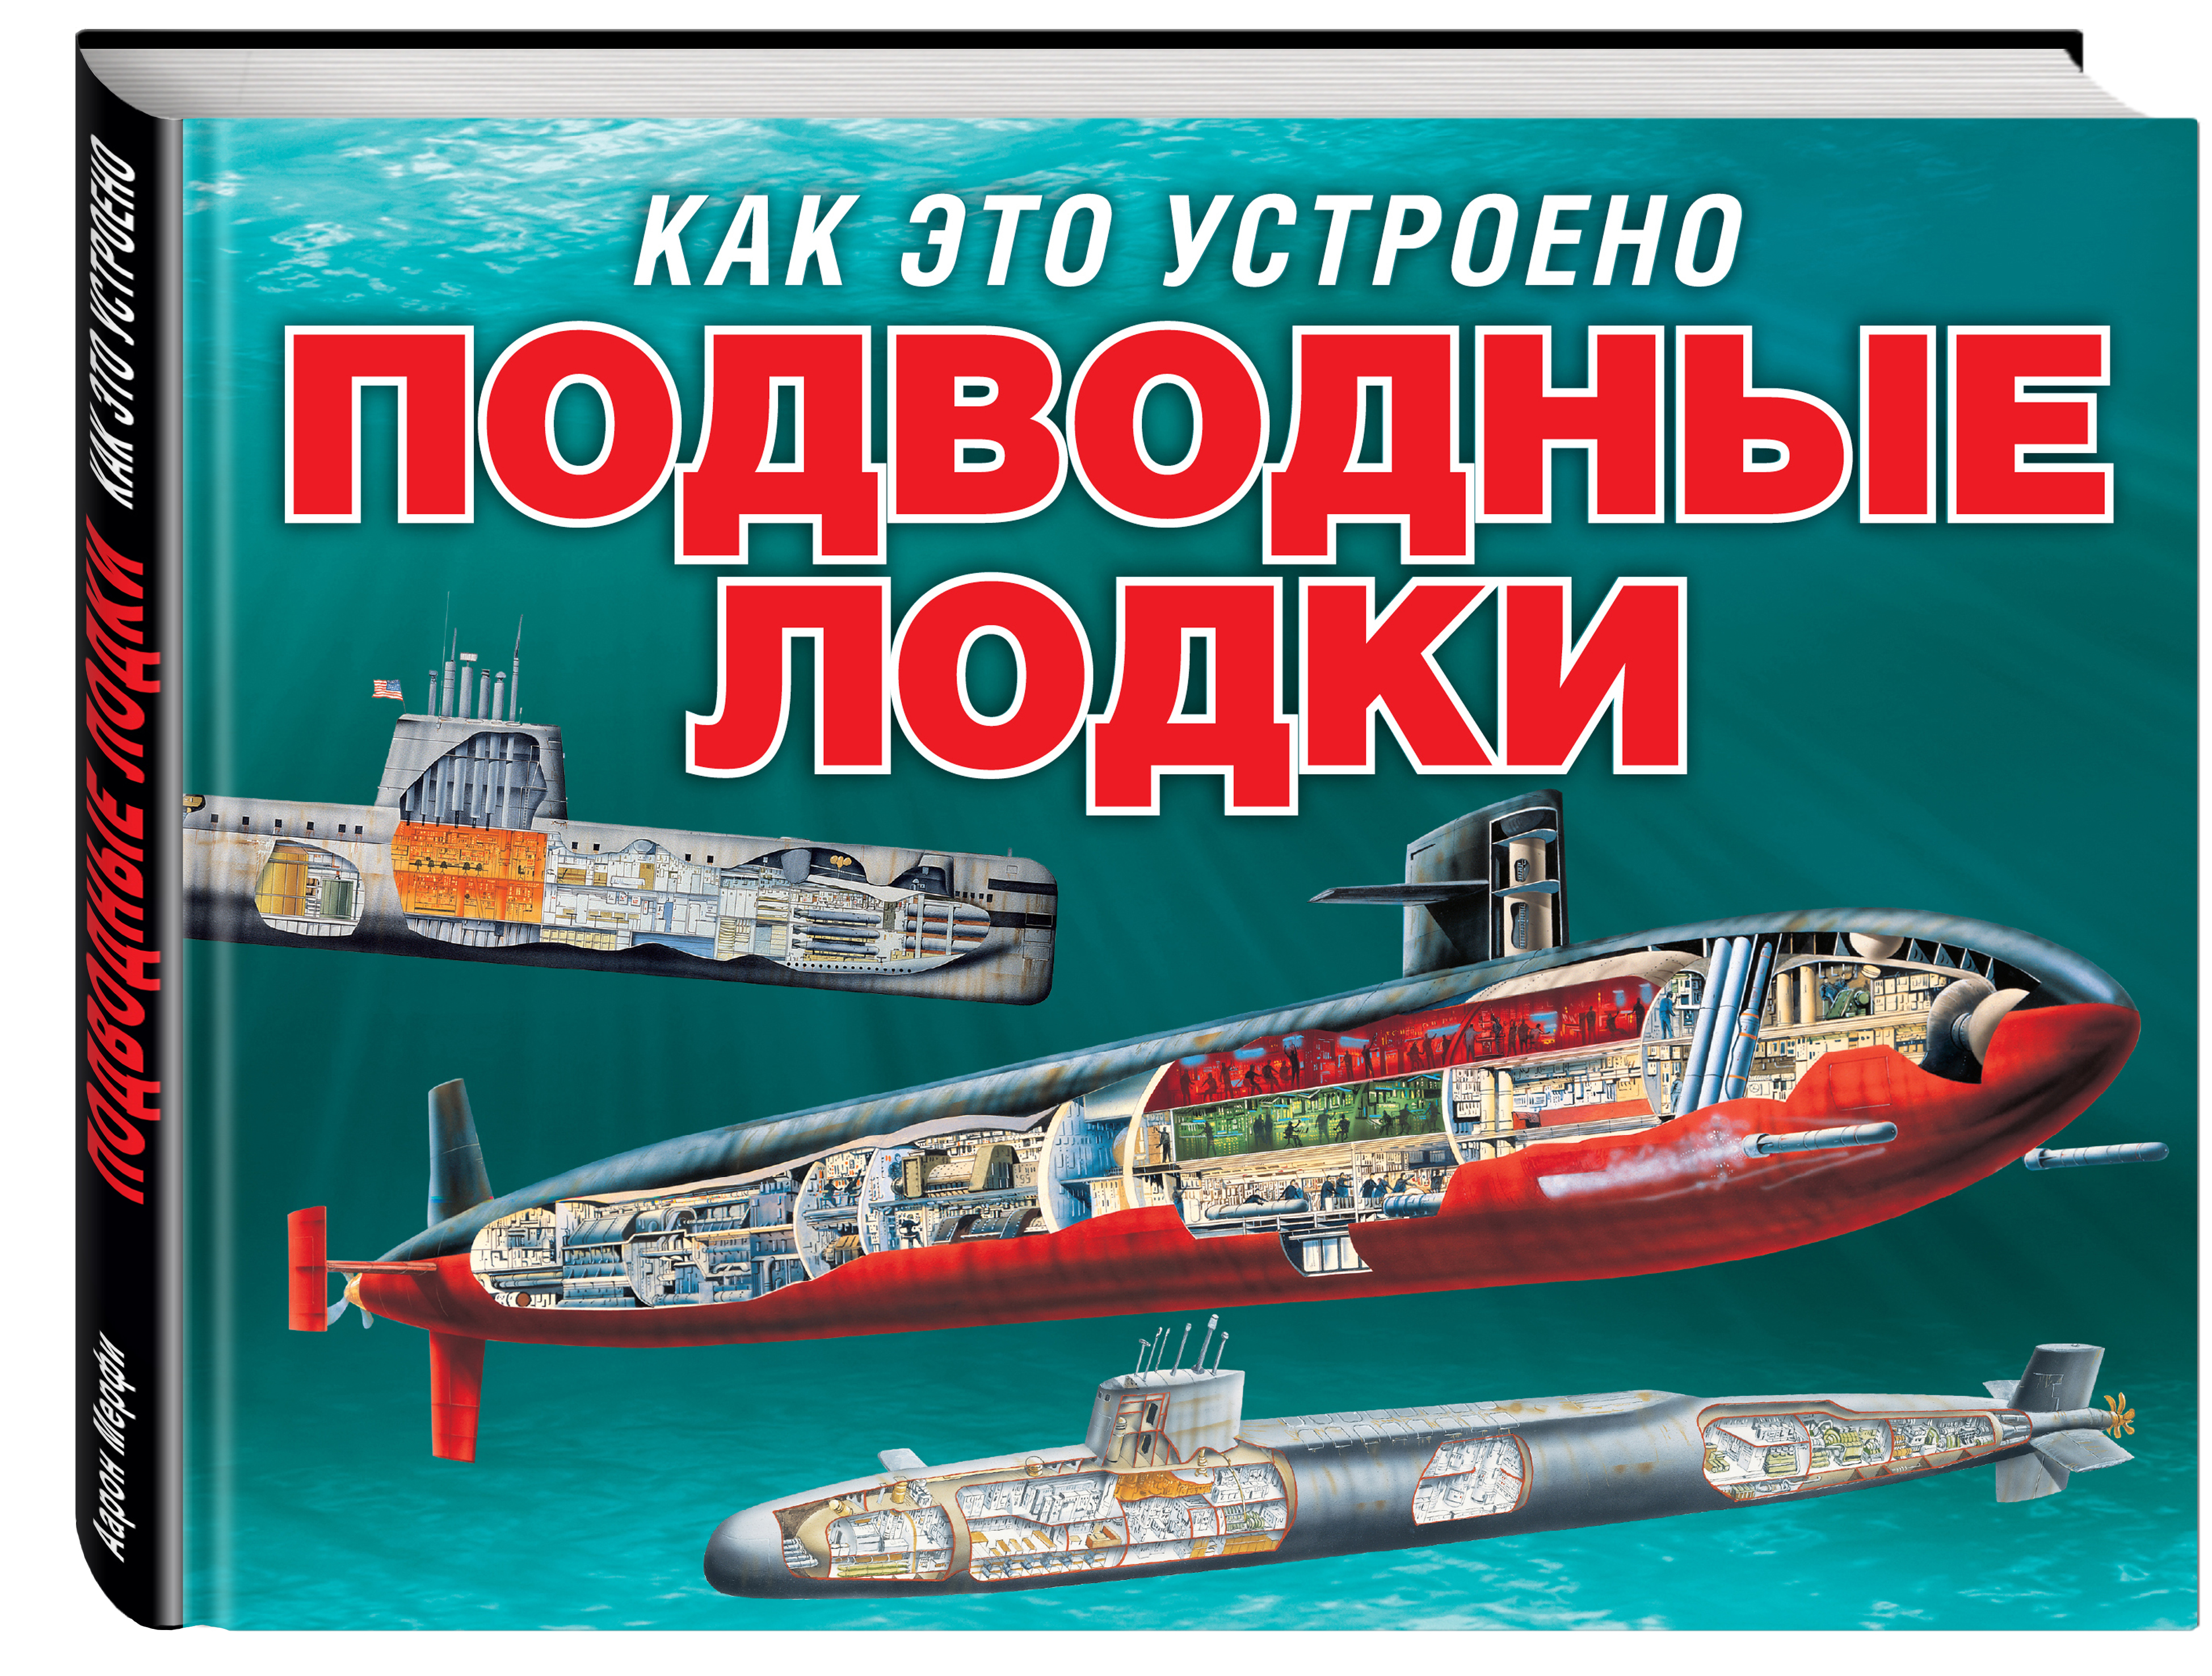 Стюарт Мюррей Подводные лодки (серия Как это устроено) трусики iva s